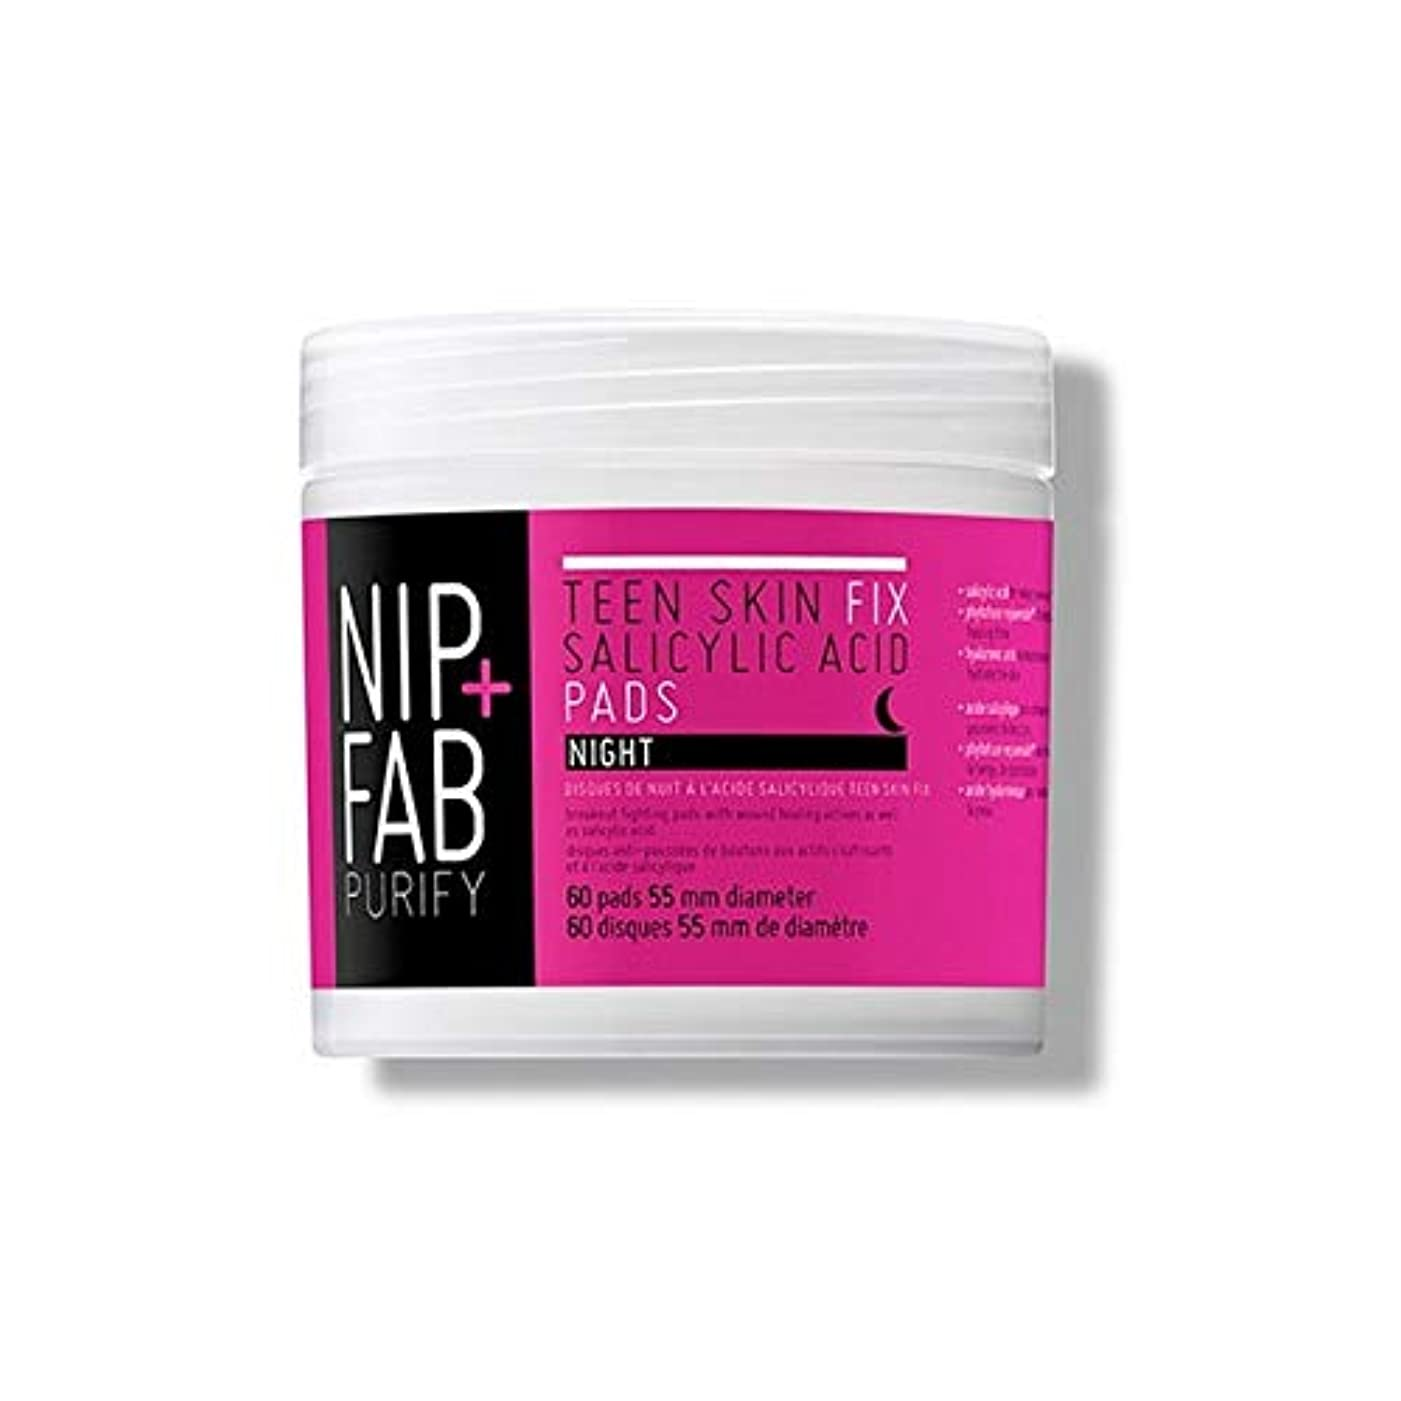 自動車速記内陸[Nip & Fab ] + Fab十代の肌サリチル酸夜用パッド80ミリリットルニップ - Nip+Fab Teen Skin Salicylic Acid Night Pads 80ml [並行輸入品]